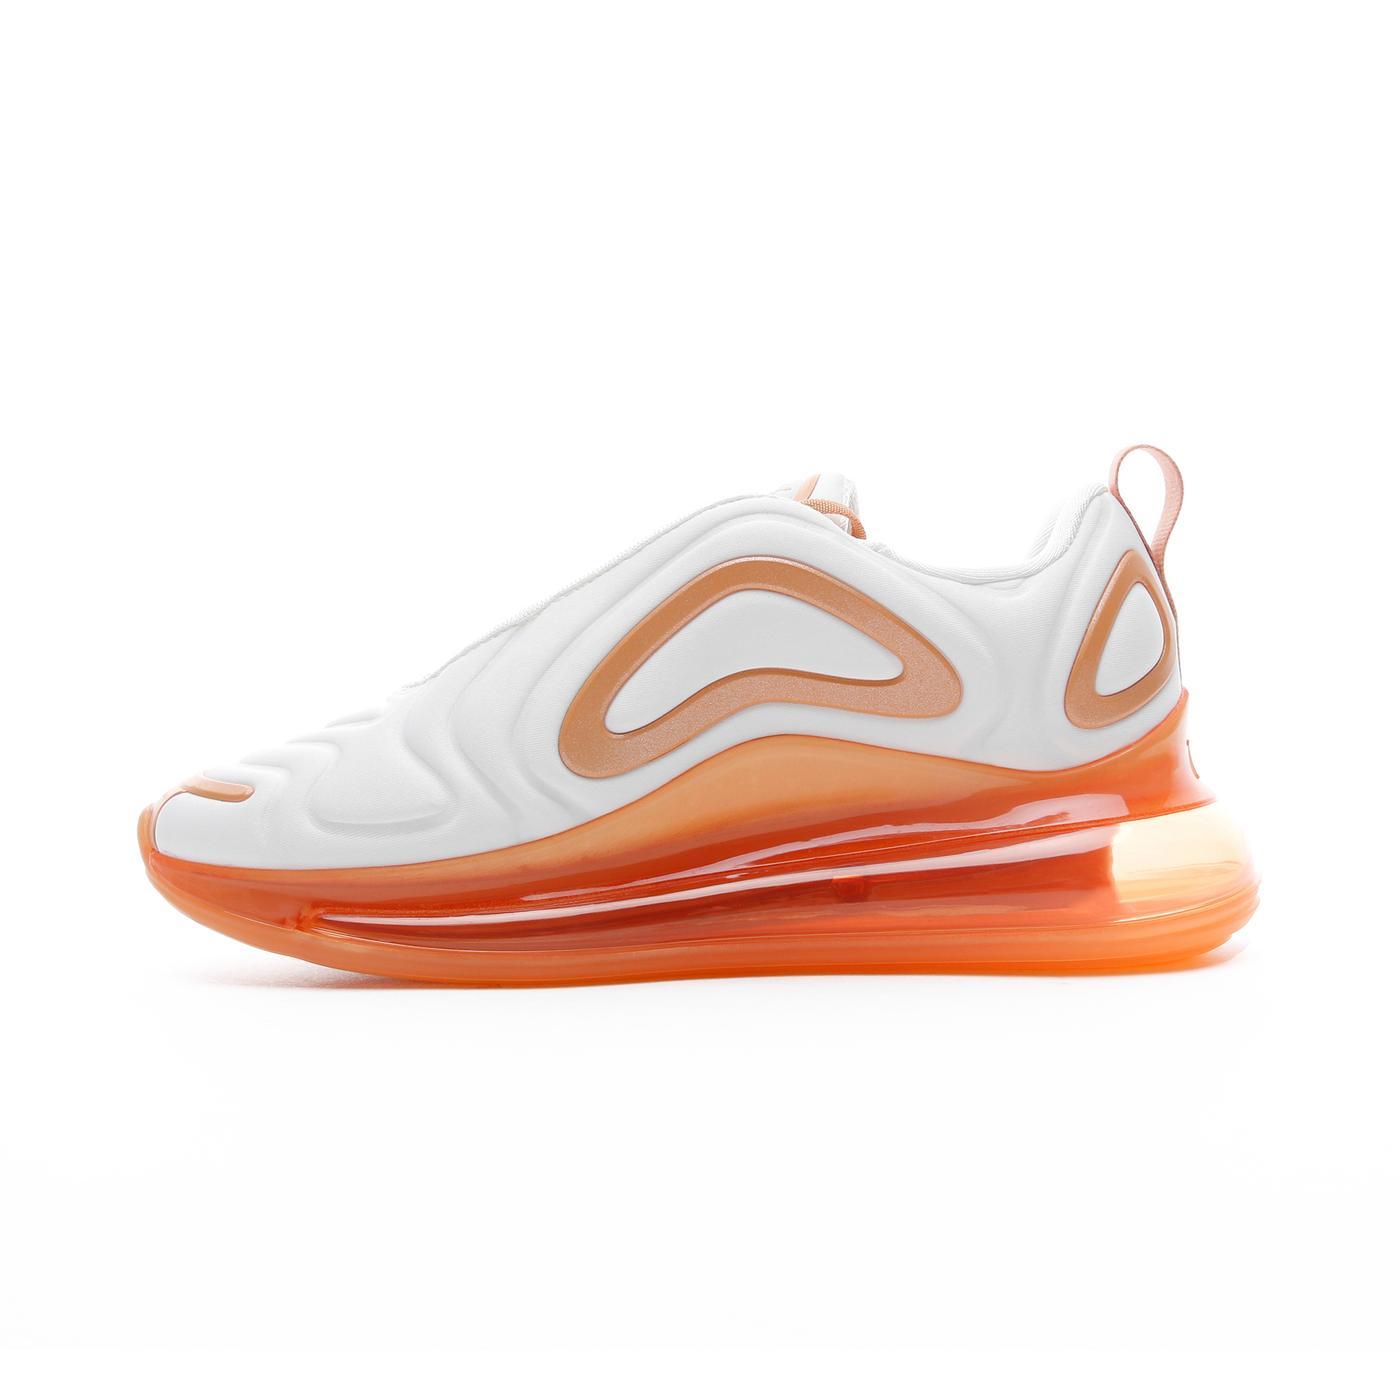 Nike Air Max 720 SE Beyaz - Turuncu Kadın Spor Ayakkabı